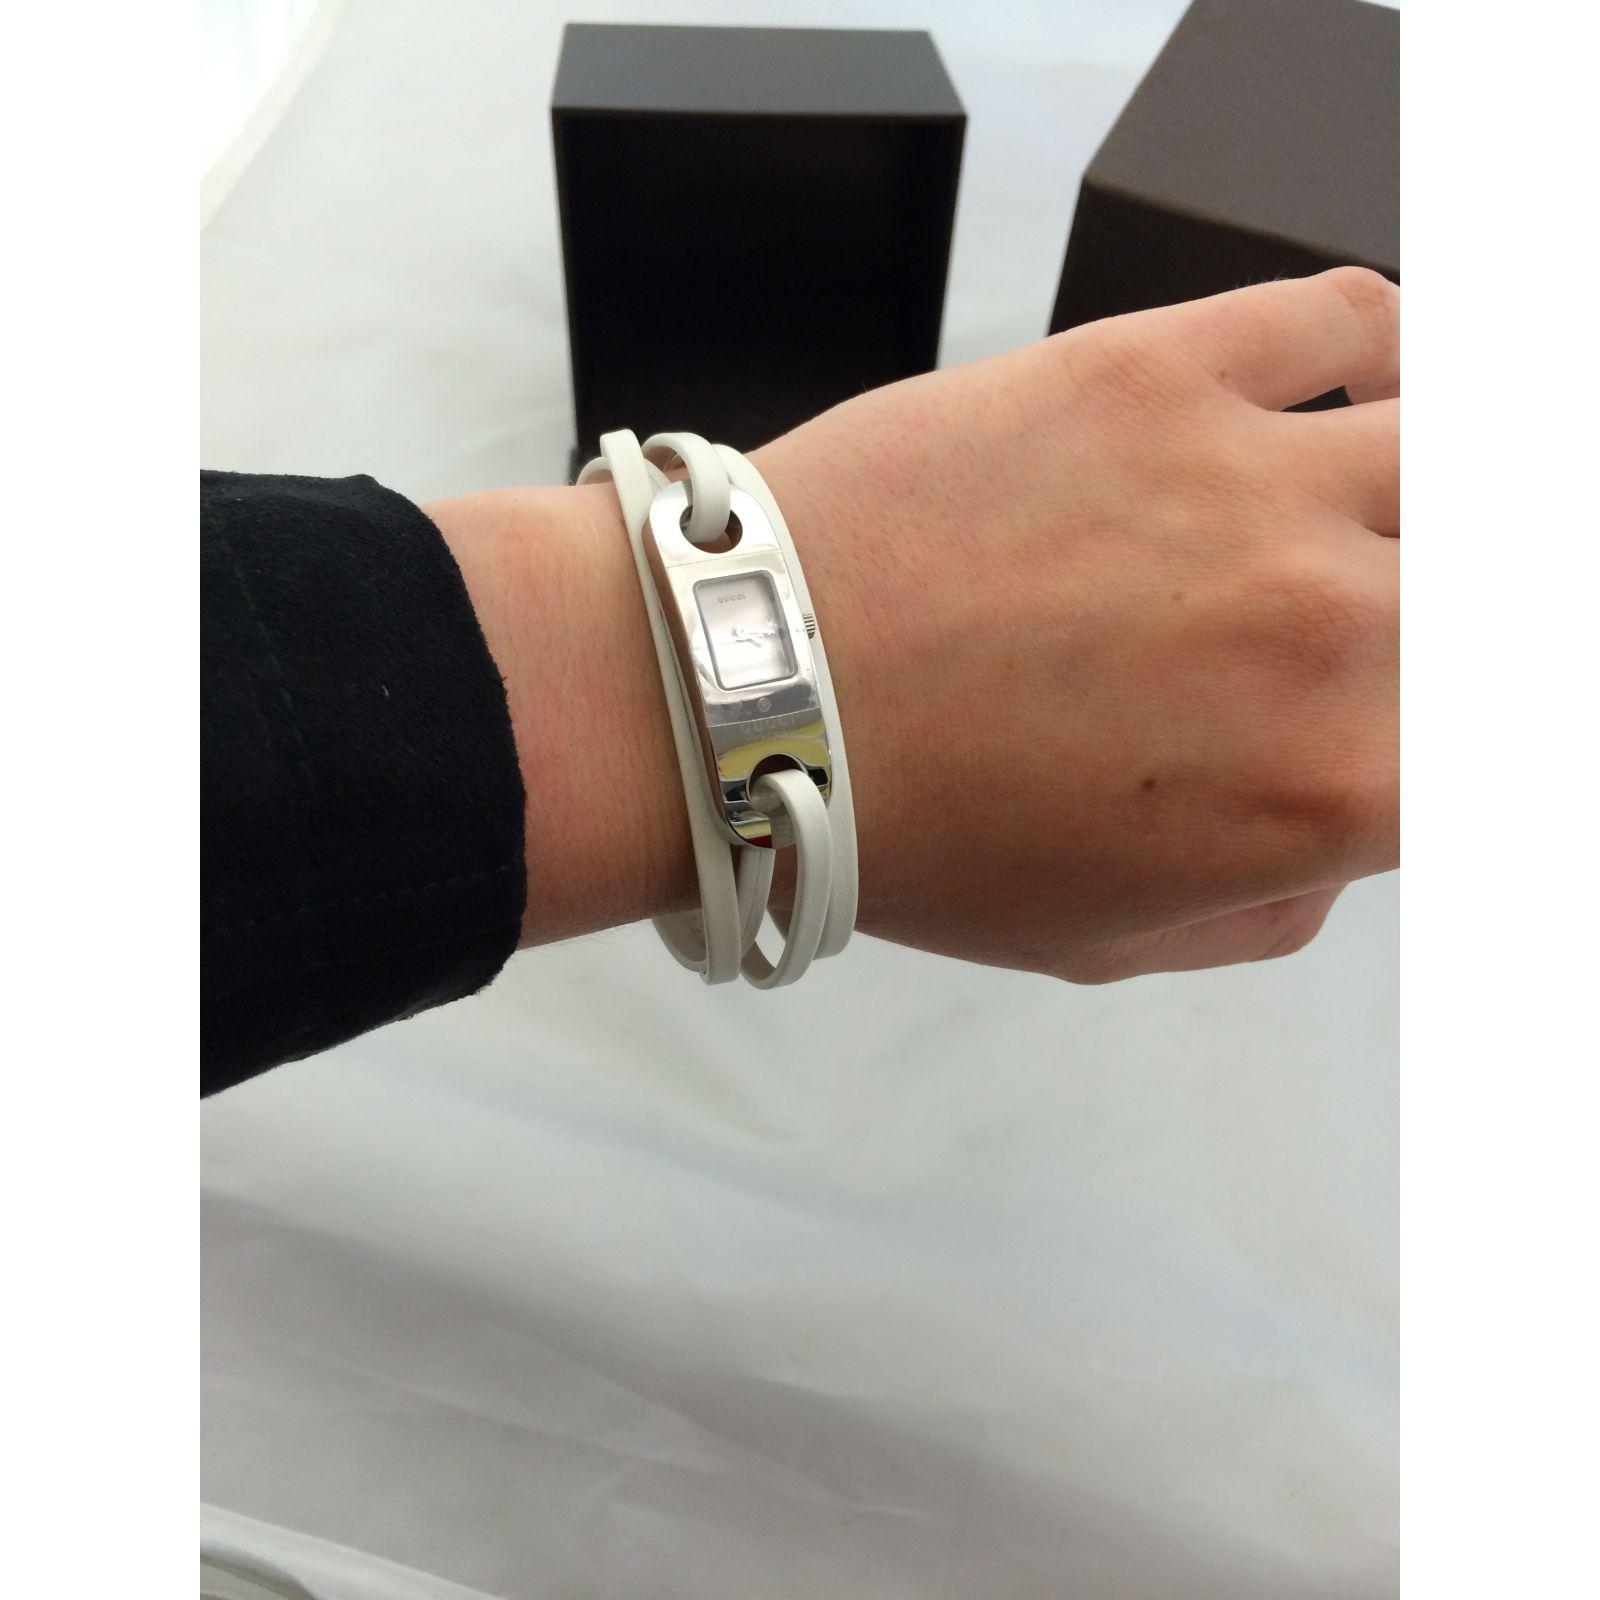 Vente en gros bracelet gucci homme pas cher Pas cher - commulangues.be 06efae9eeaf